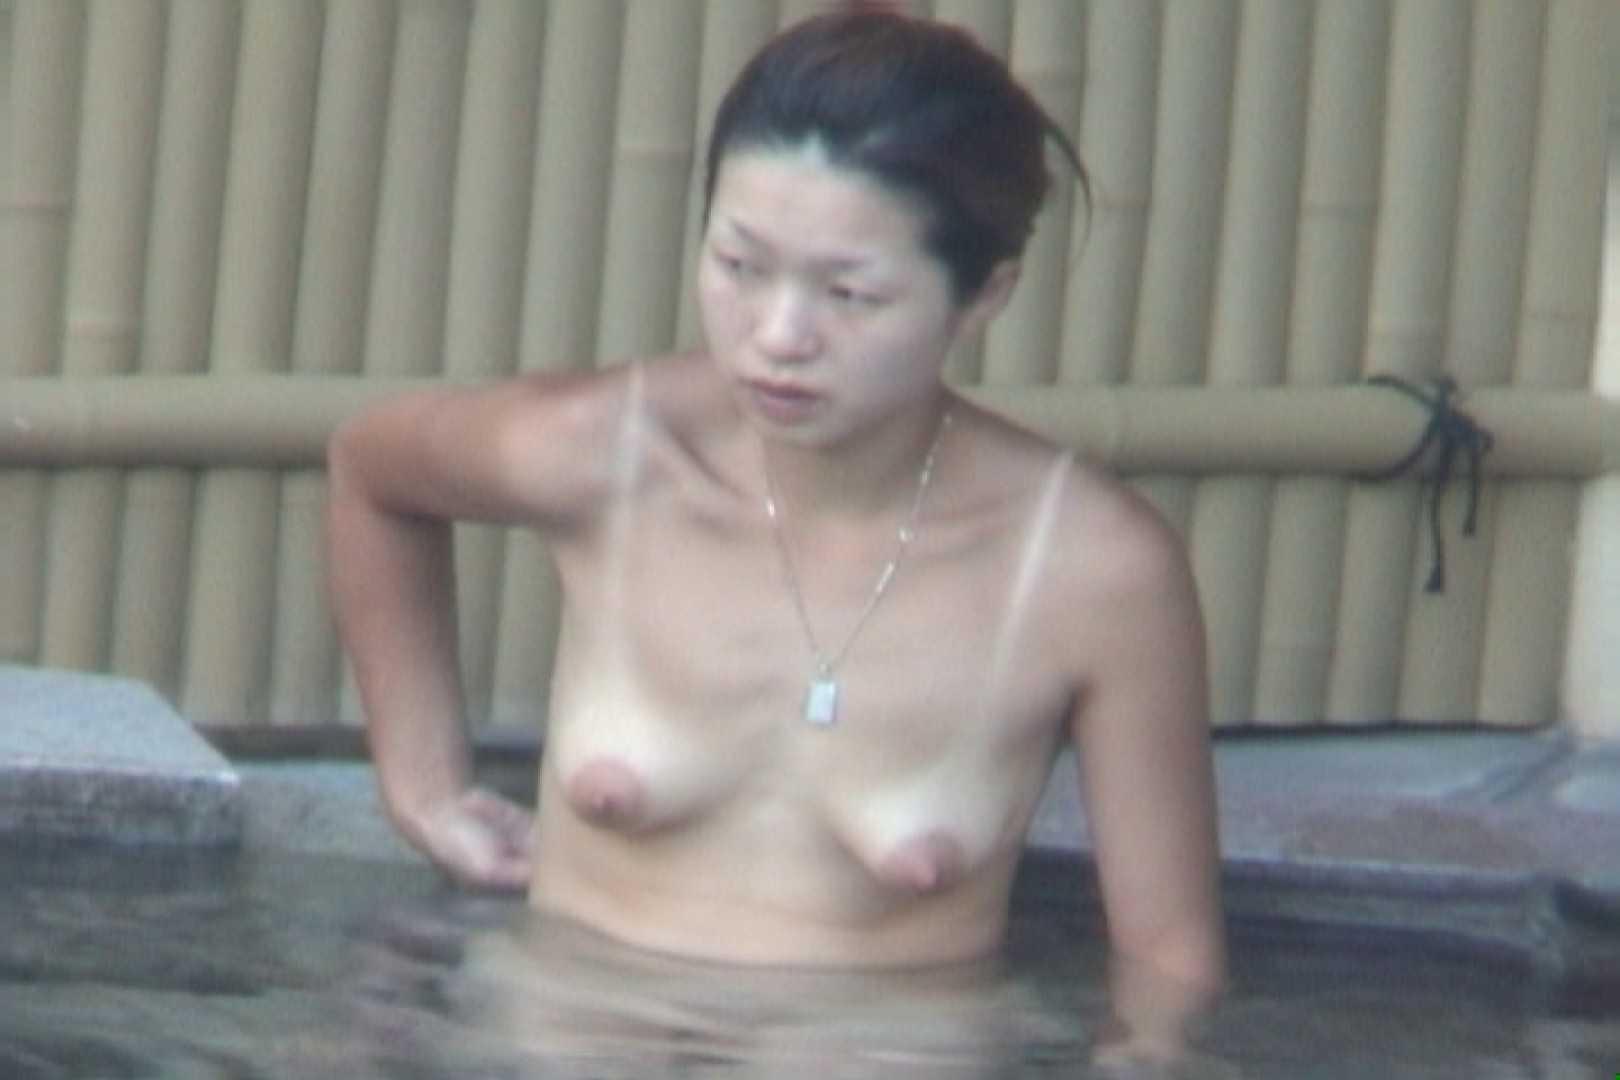 Aquaな露天風呂Vol.571 美しいOLの裸体  99pic 12